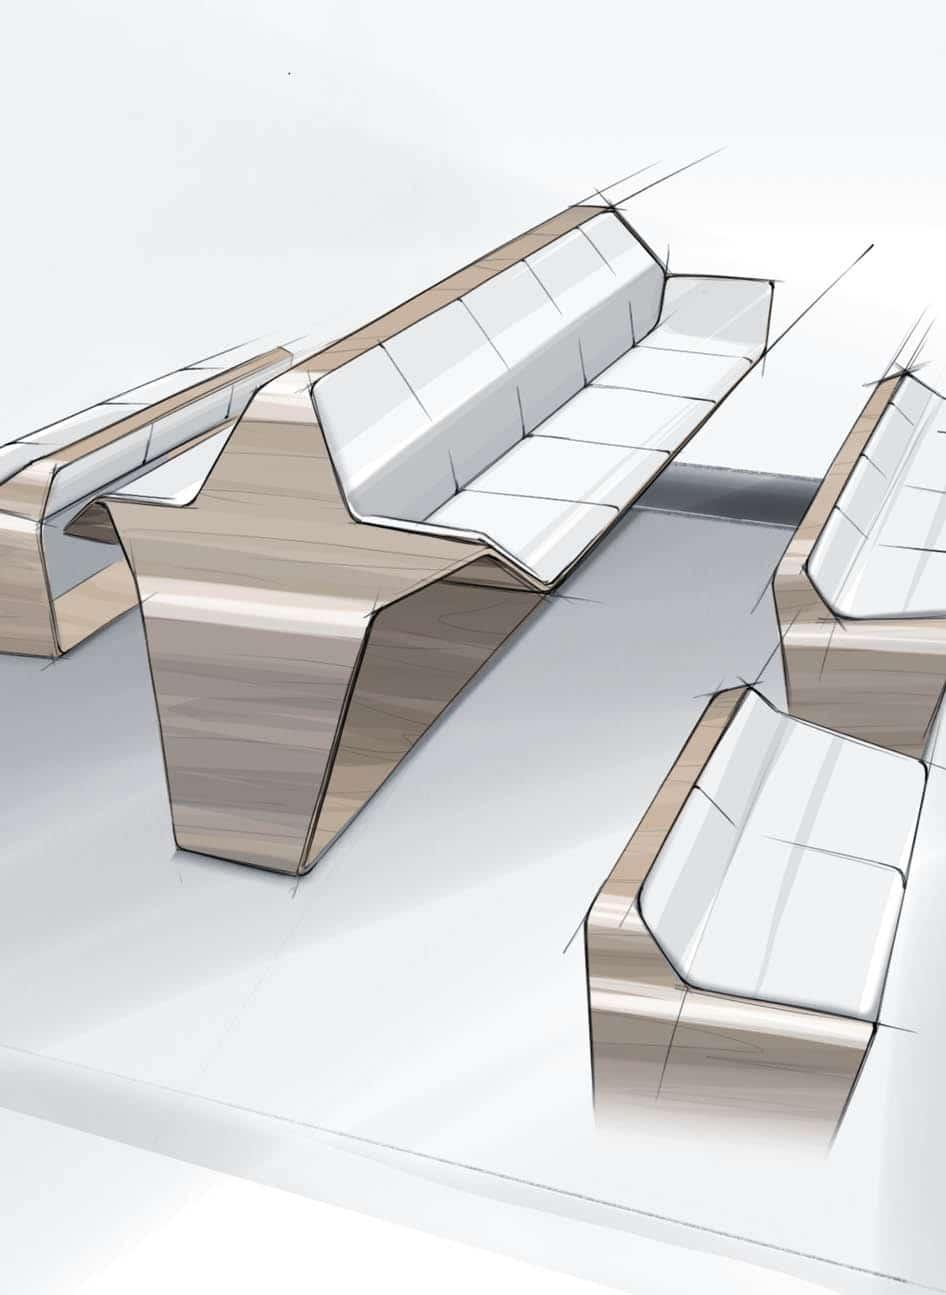 Produktdesign Skizze von Sitzbänken